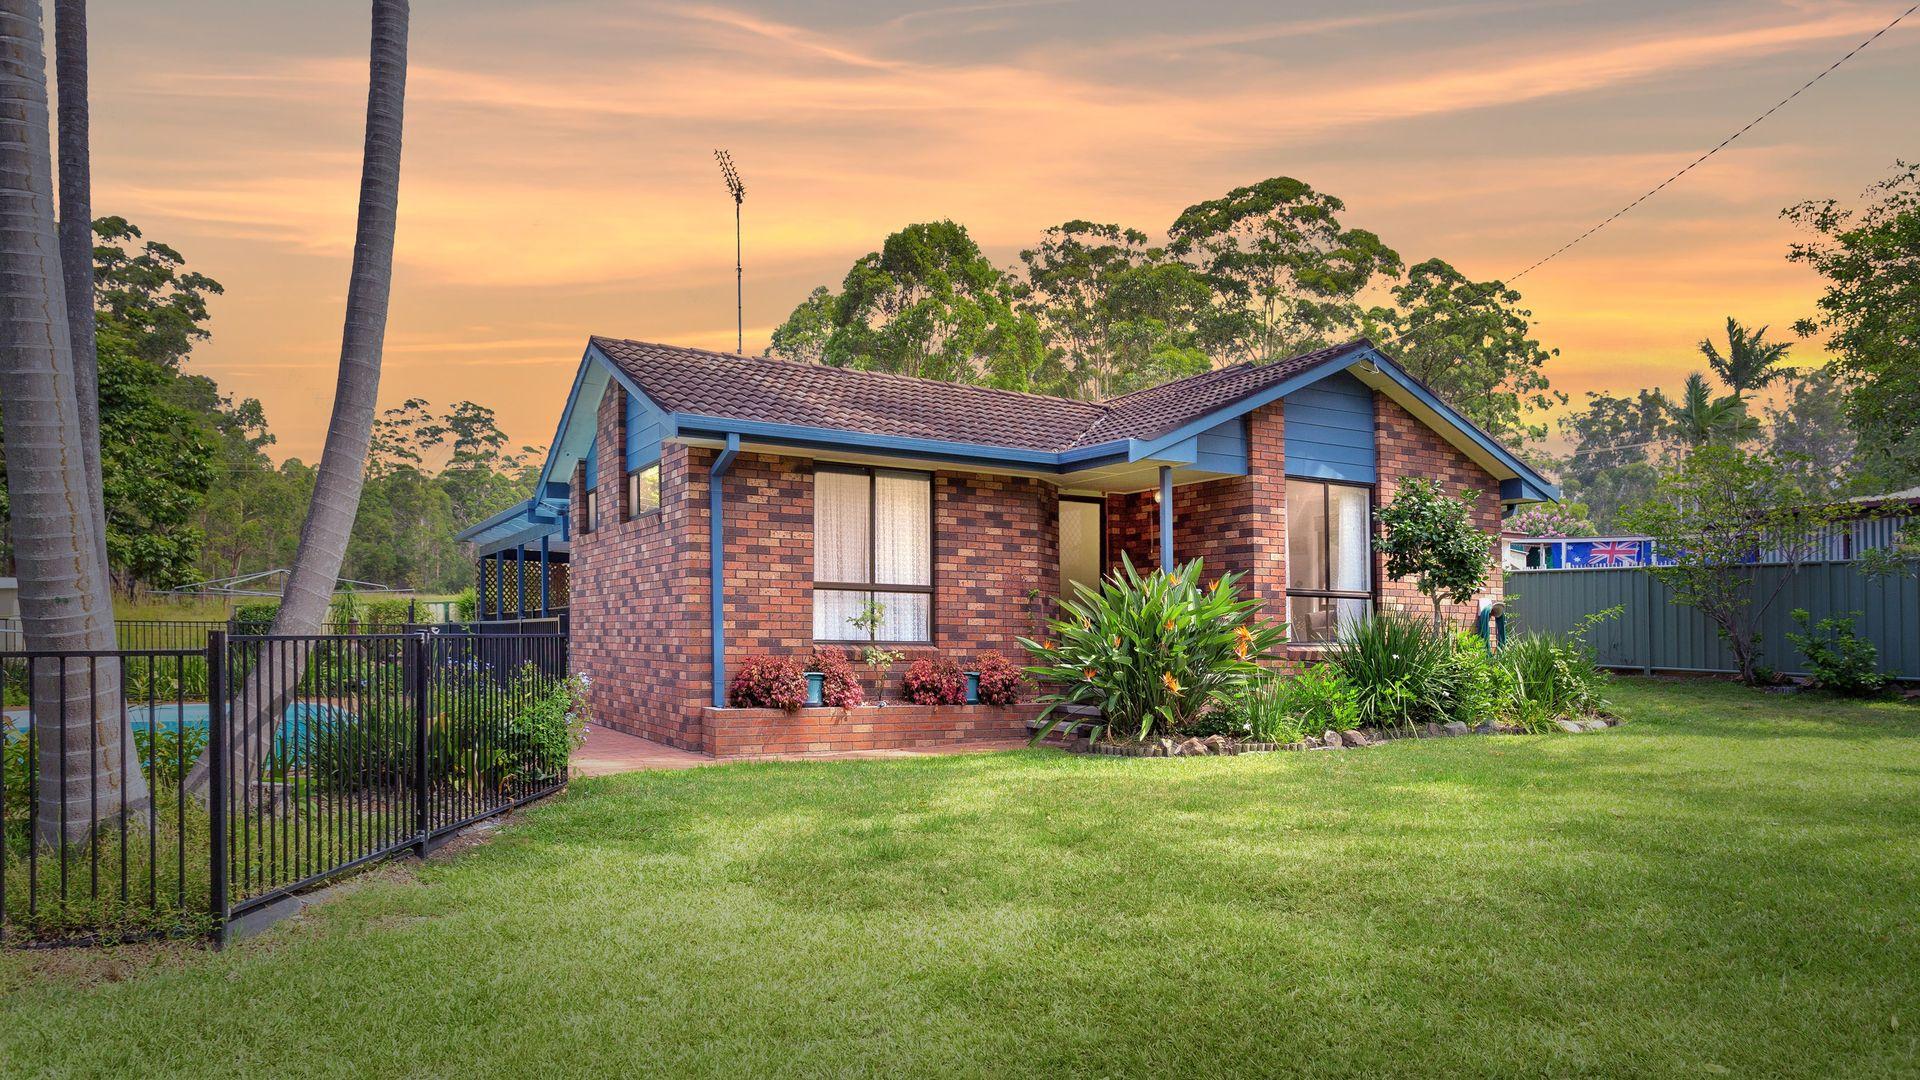 12 Kookaburra Drive, Taree NSW 2430, Image 2